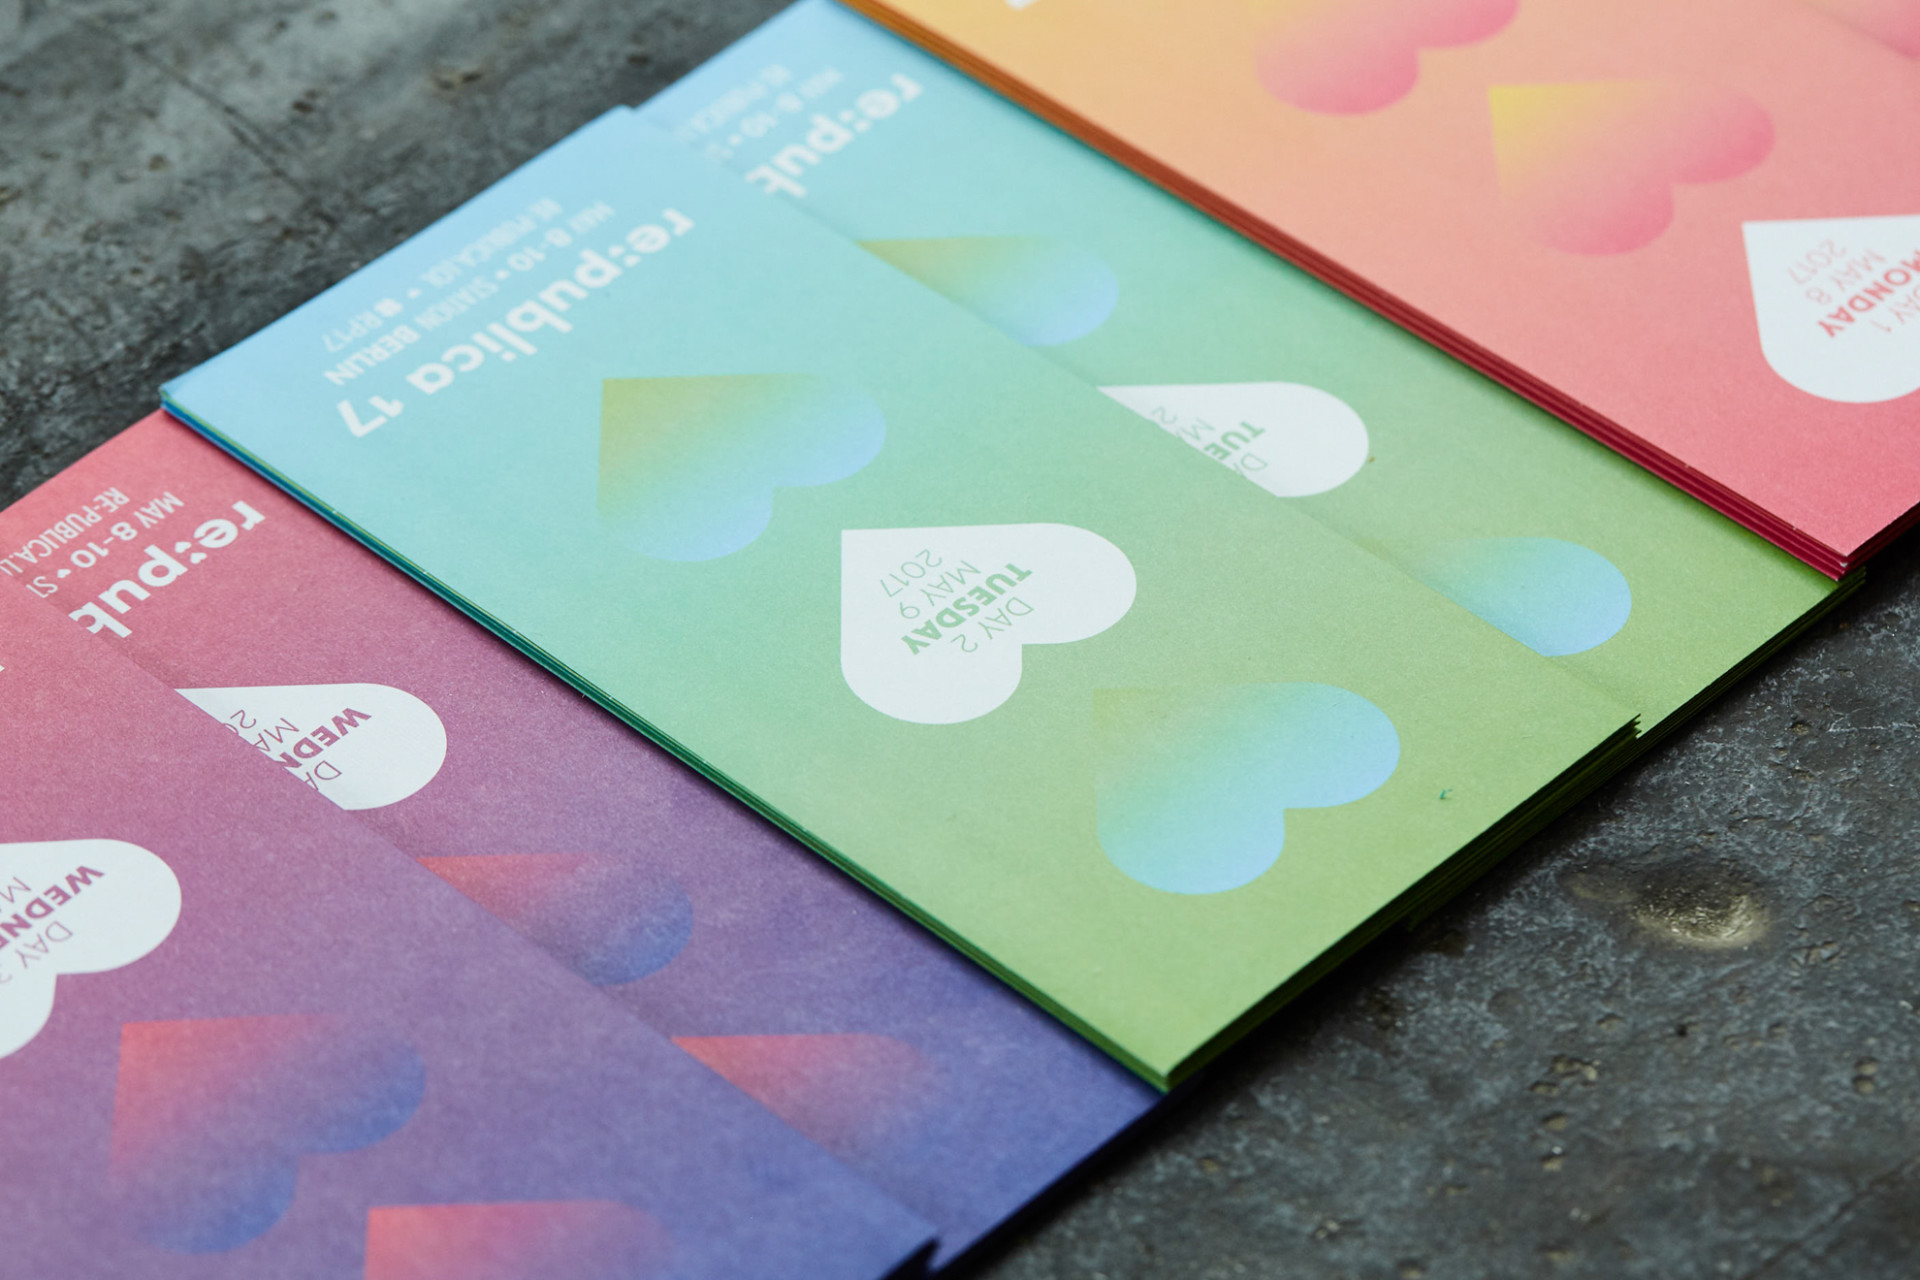 fertig design re:publica 2017